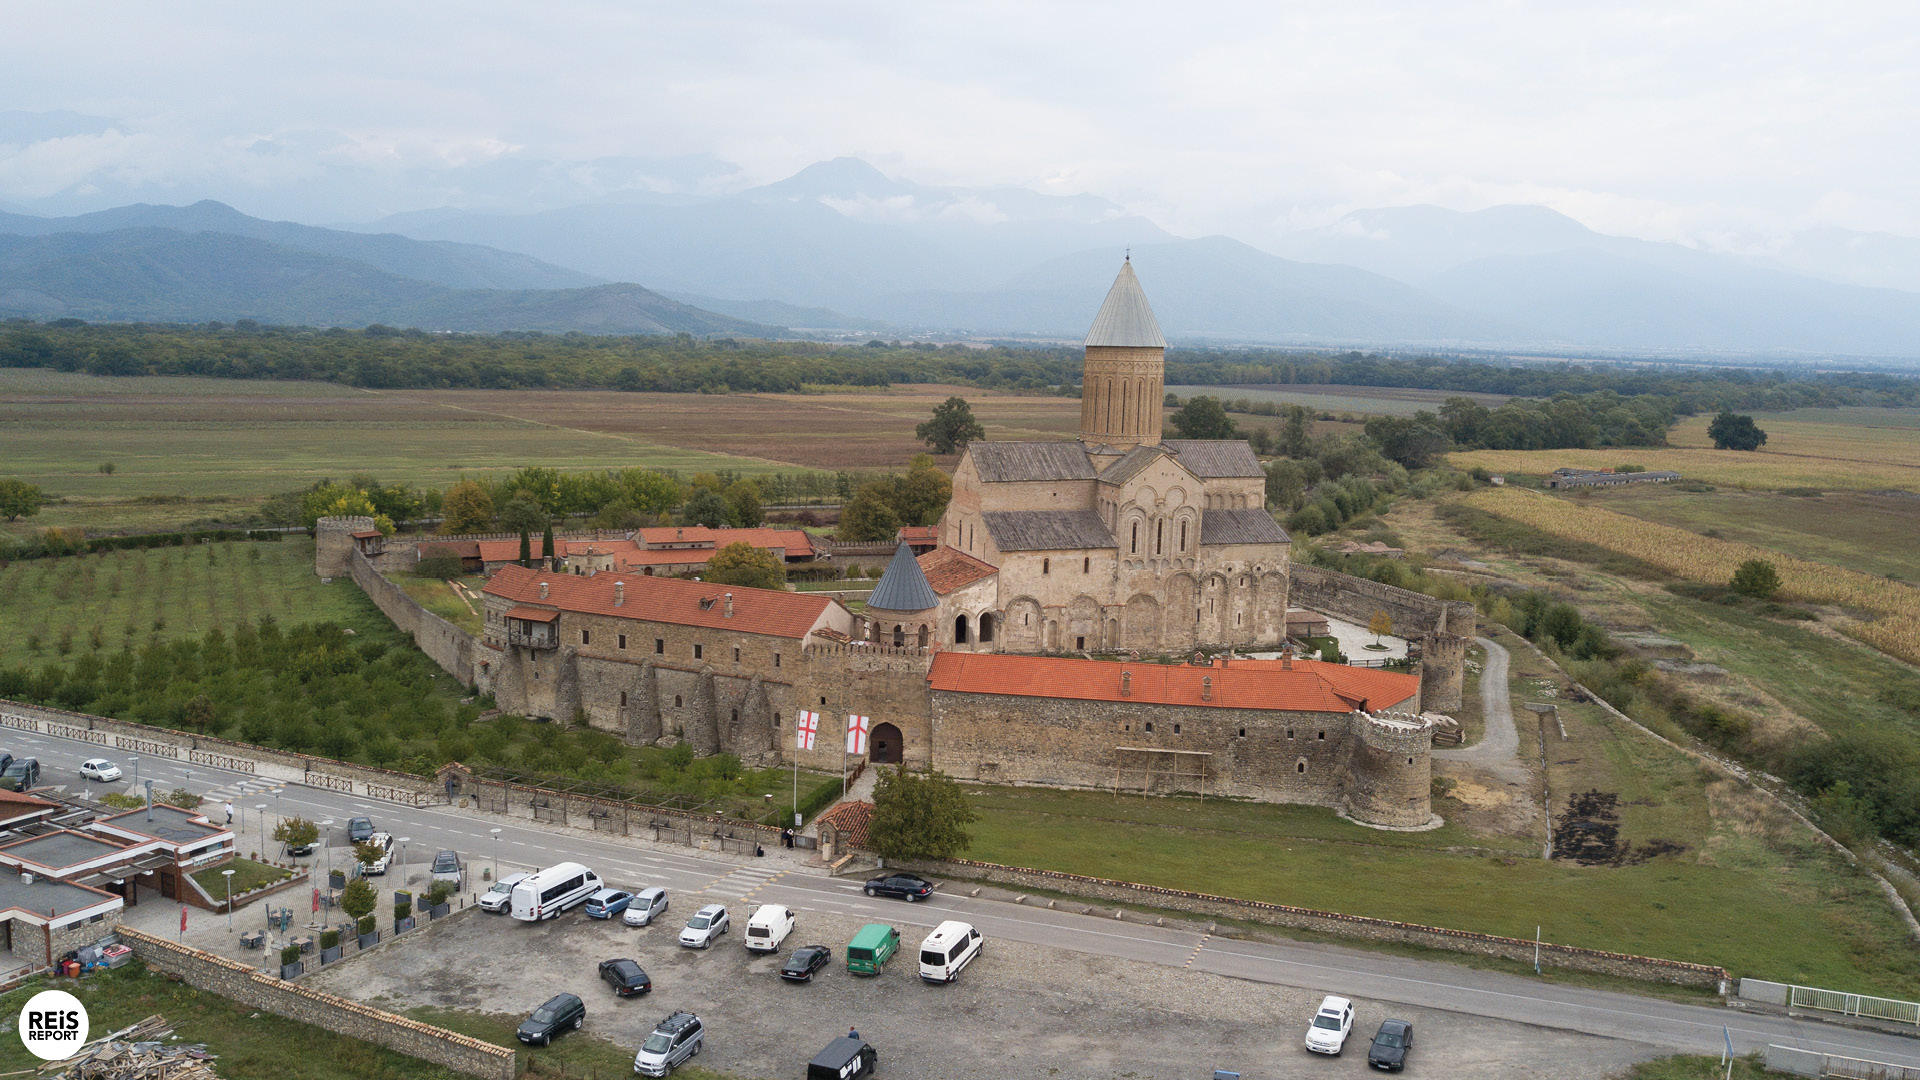 Mooiste kloosters van Georgië, Georgië